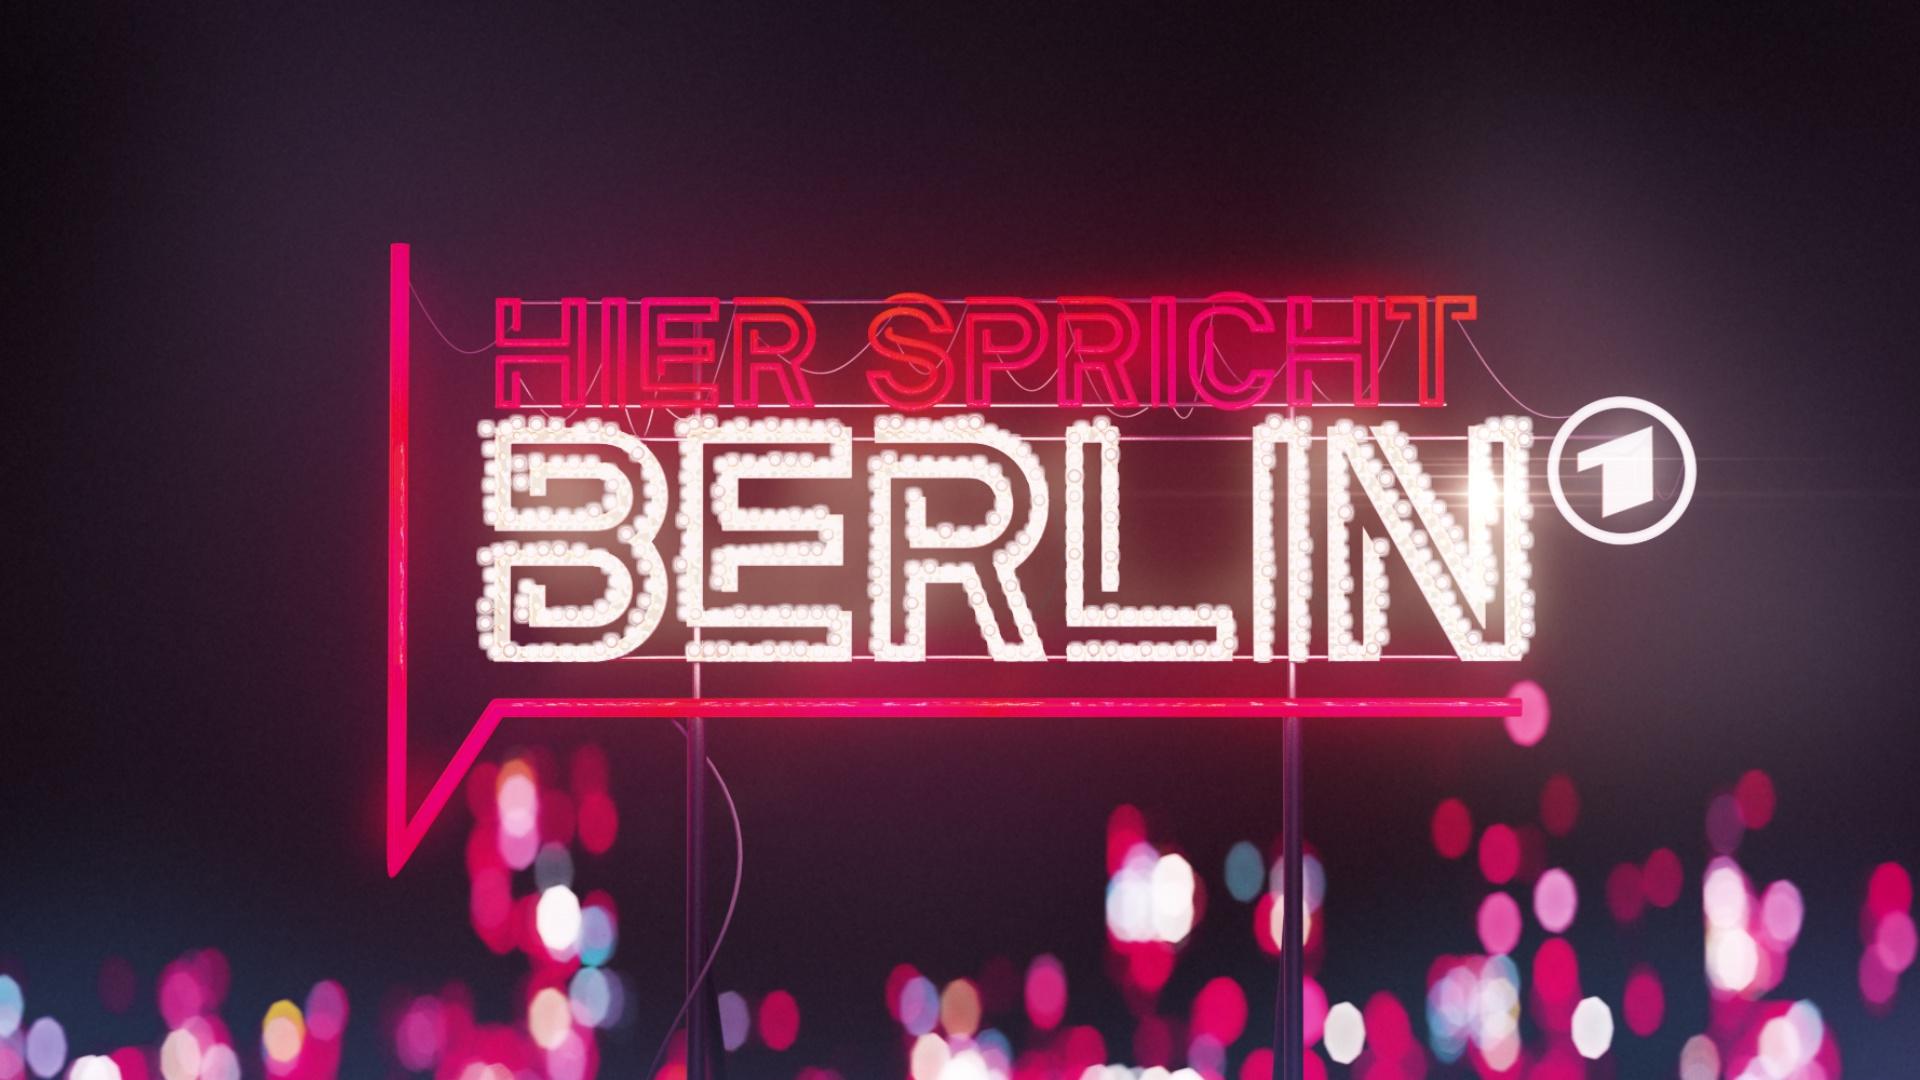 rbb Hier spricht Berlin